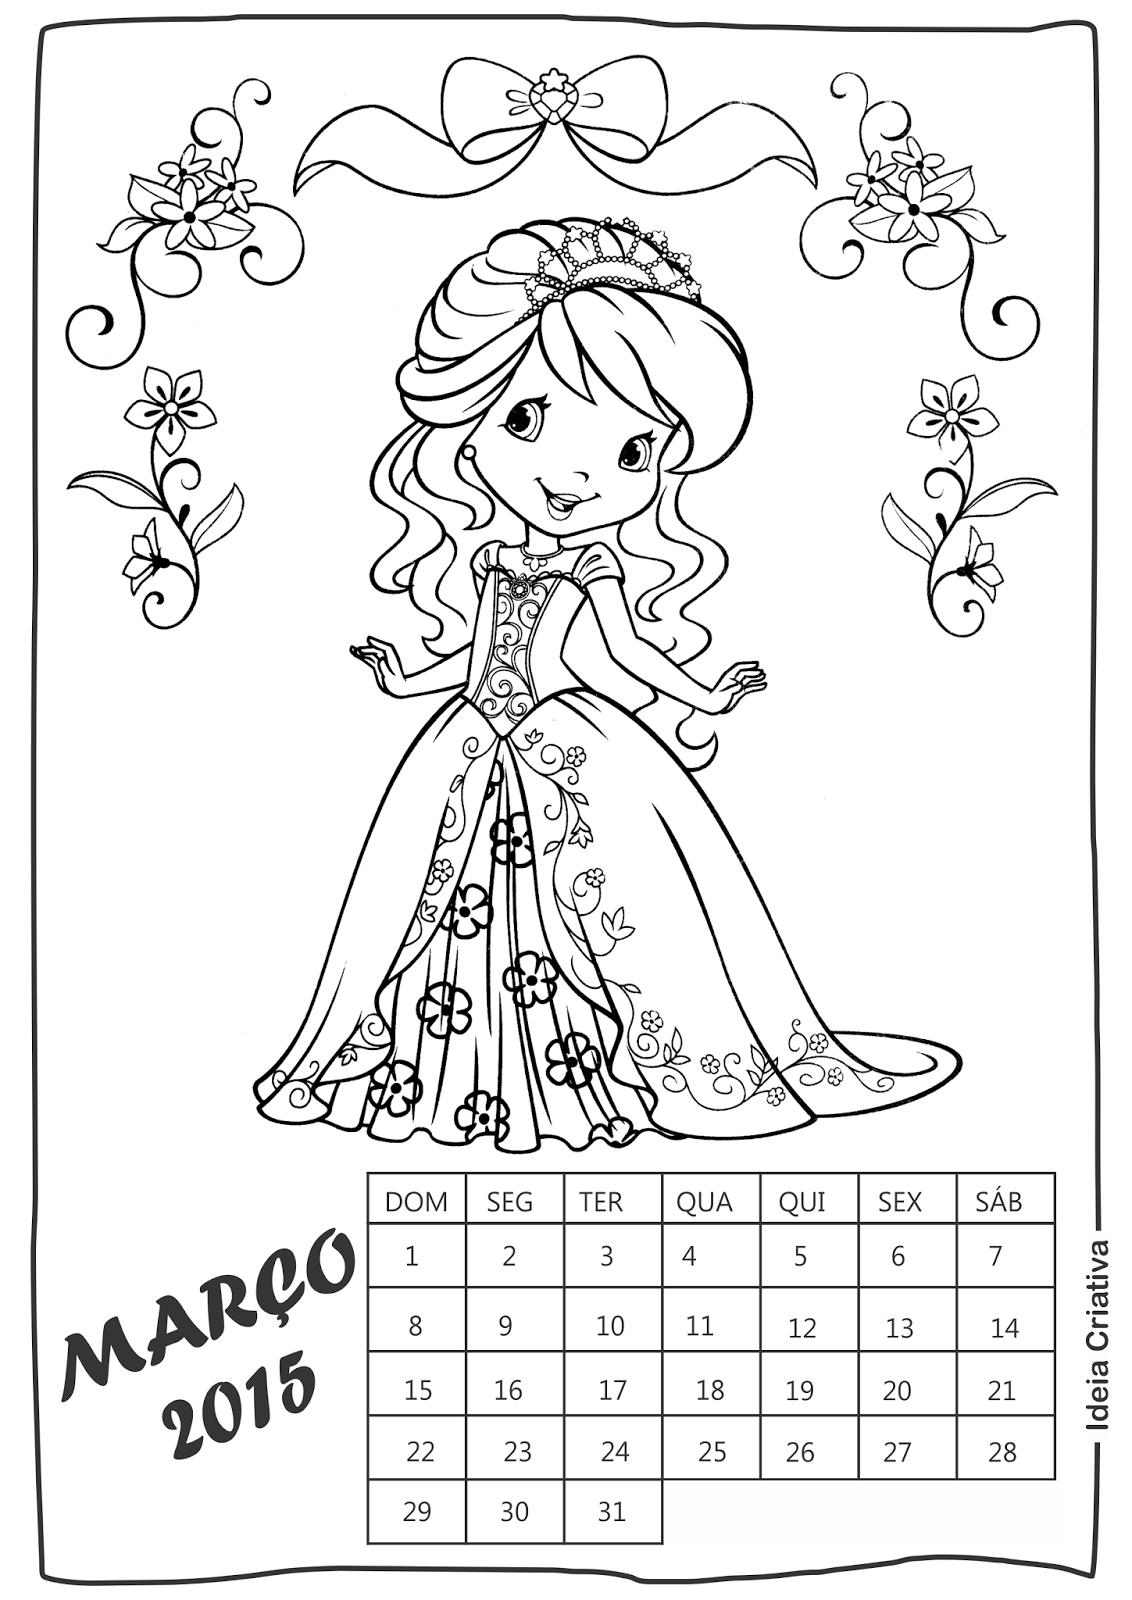 Calendário Março Moranguinho para imprimir e colorir